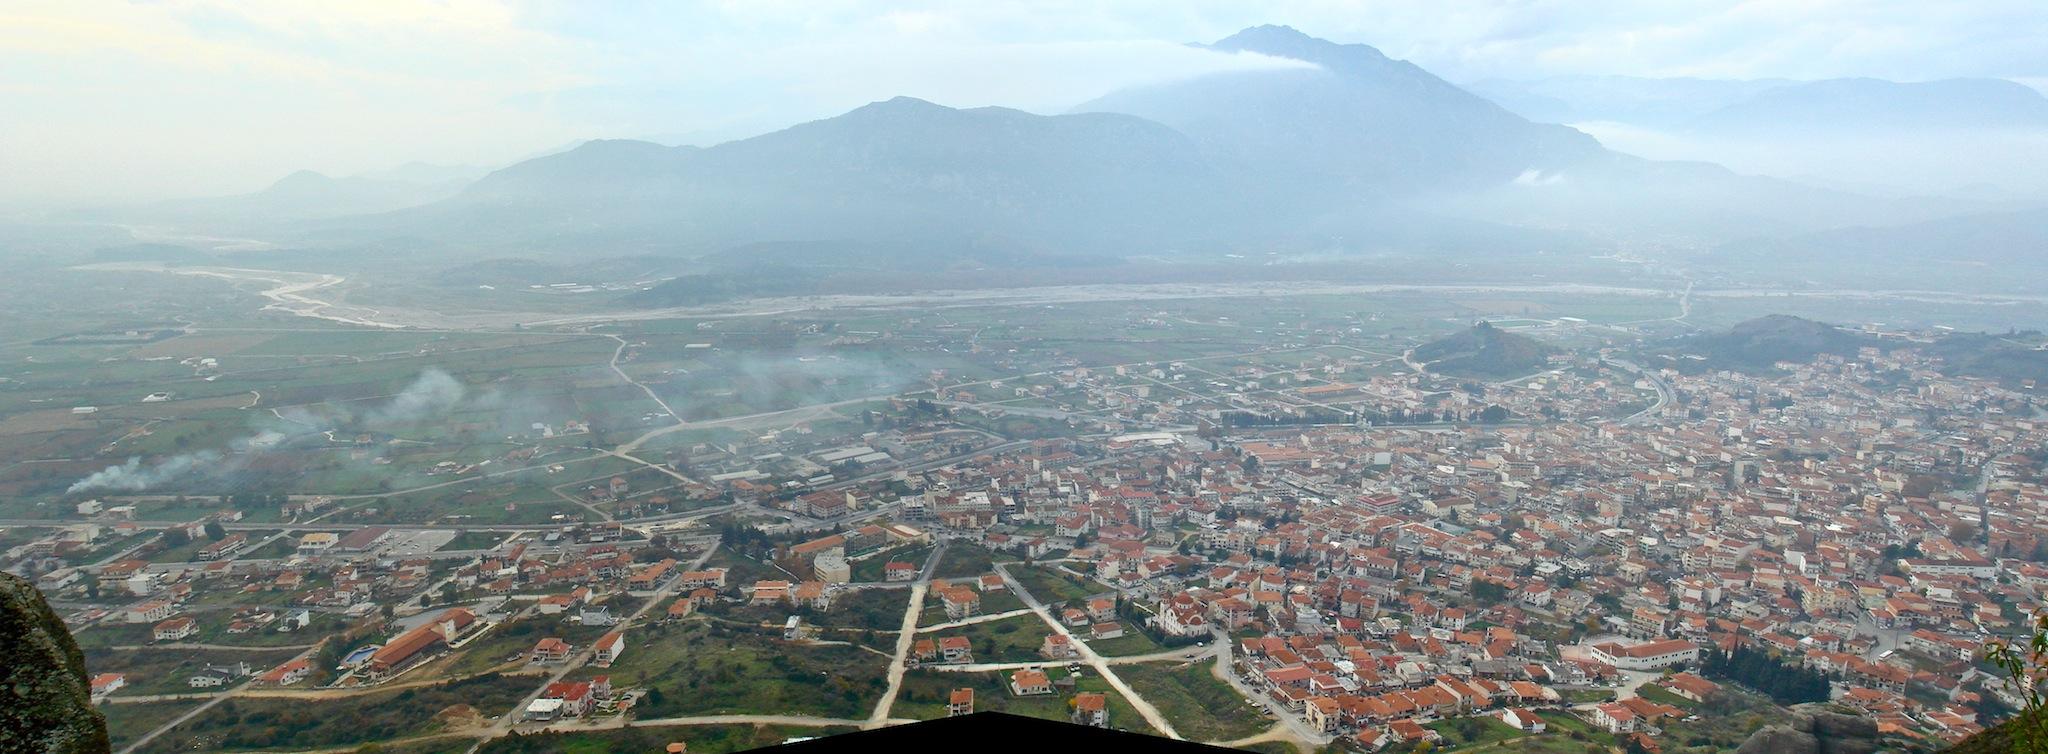 File:Kalambaka, Meteora, Greece.jpg